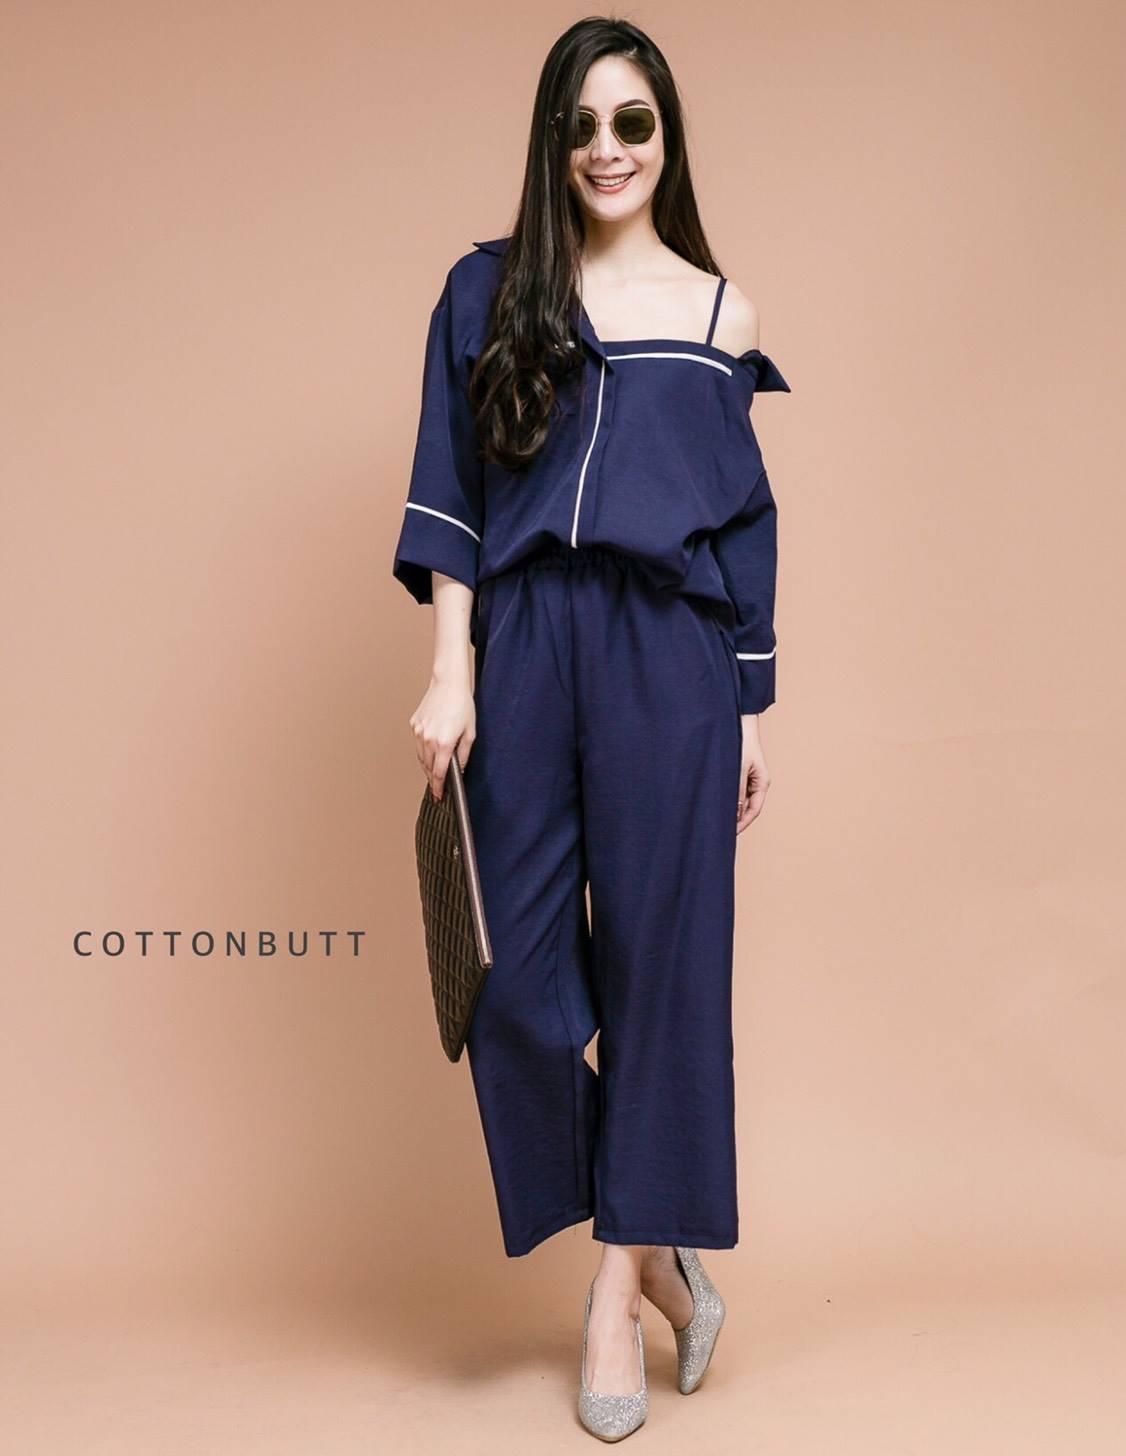 เสื้อผ้าแฟชั่นเกาหลีพร้อมส่ง เซทเสื้อเปิดไหล่เข้าคู่กับกางเกงเอวยางยืด